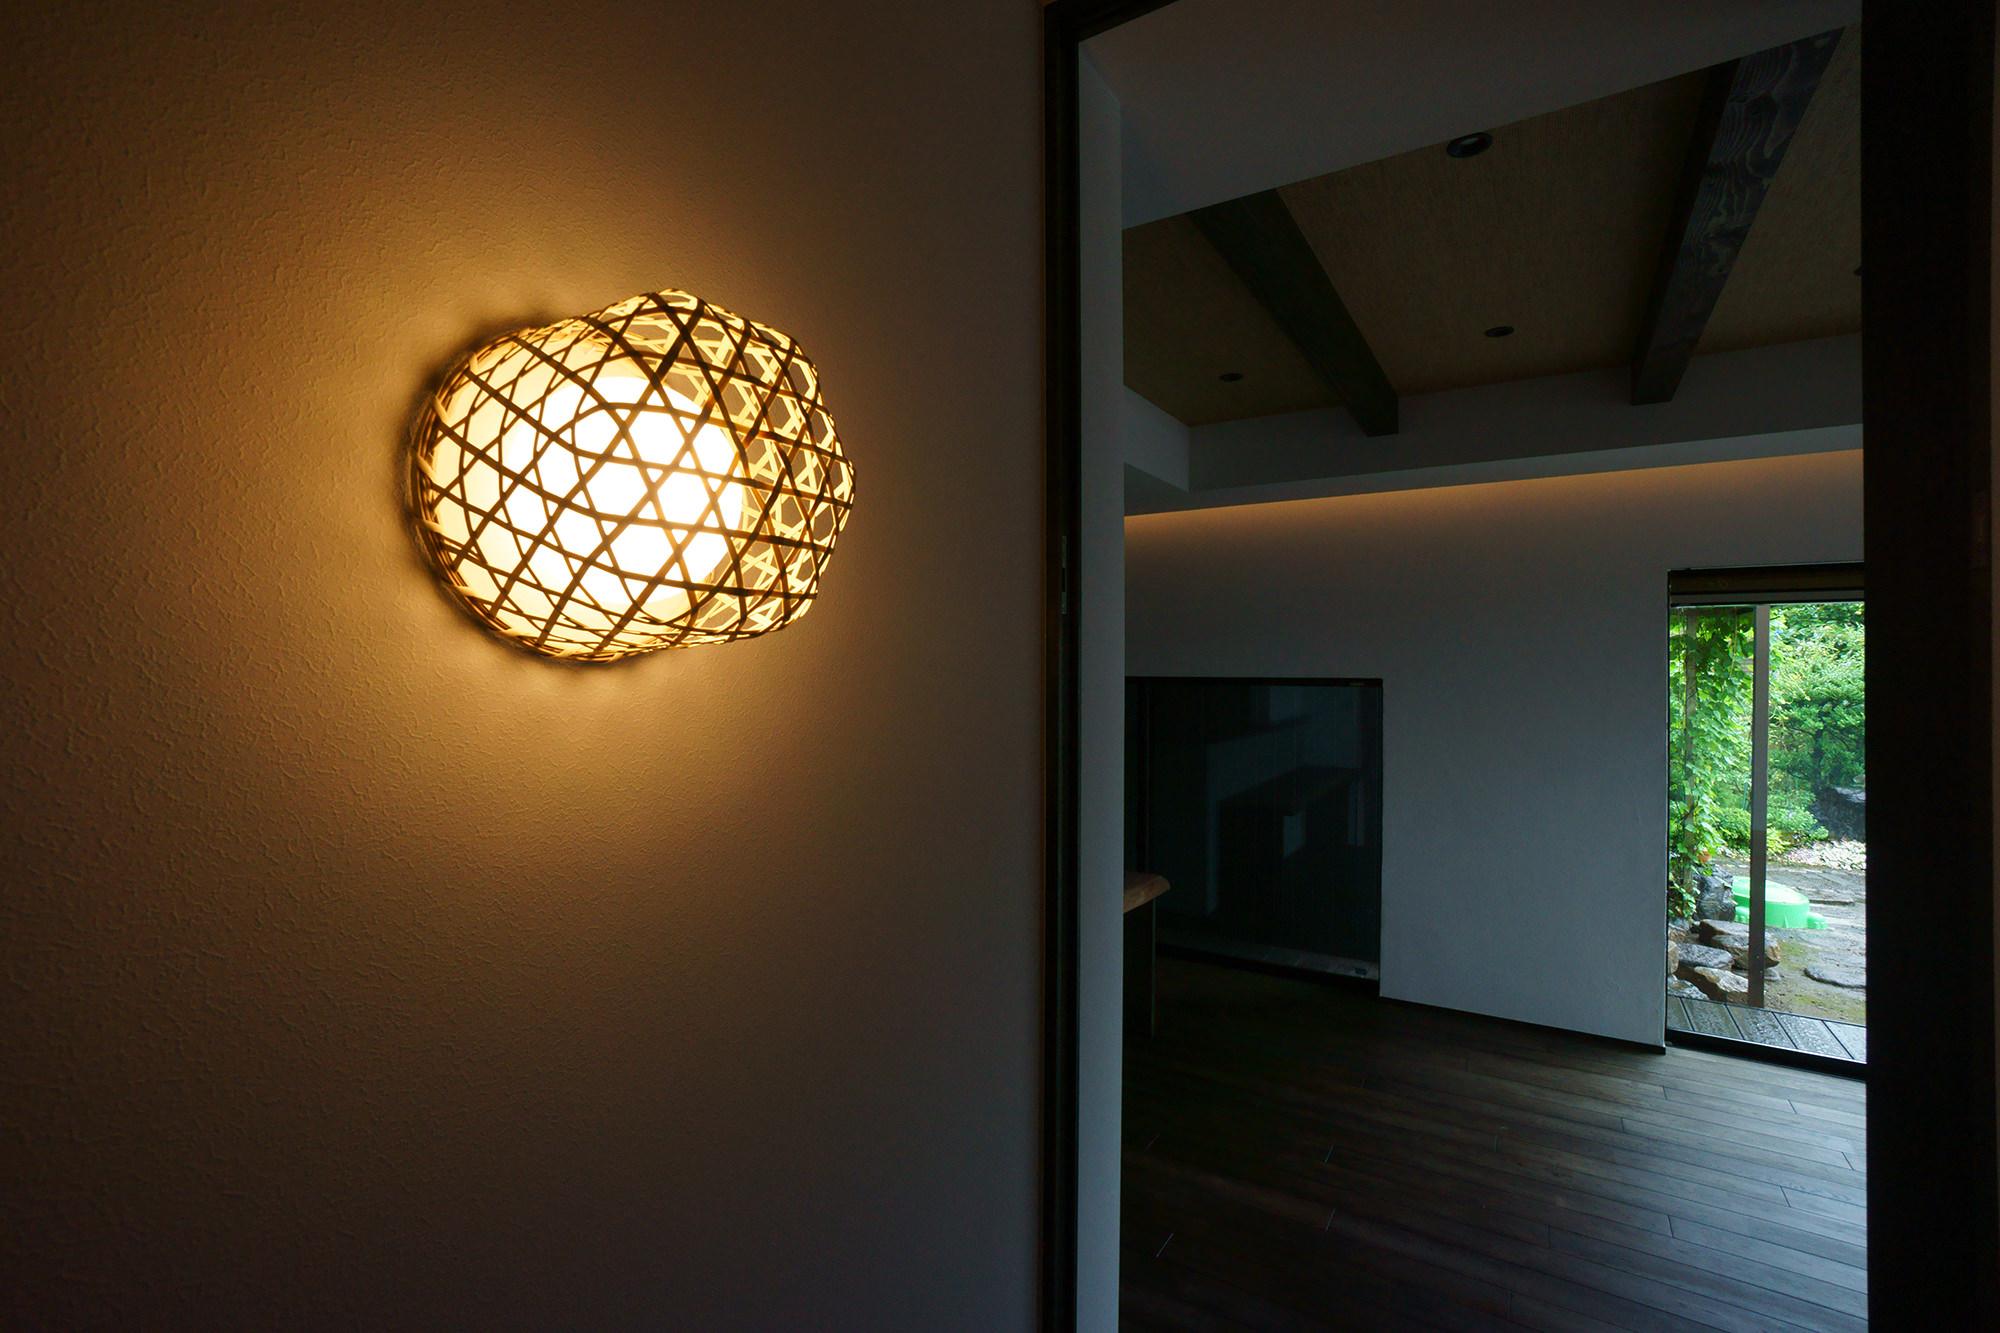 岡崎市の設計事務所の画像 和モダンの玄関照明の画像